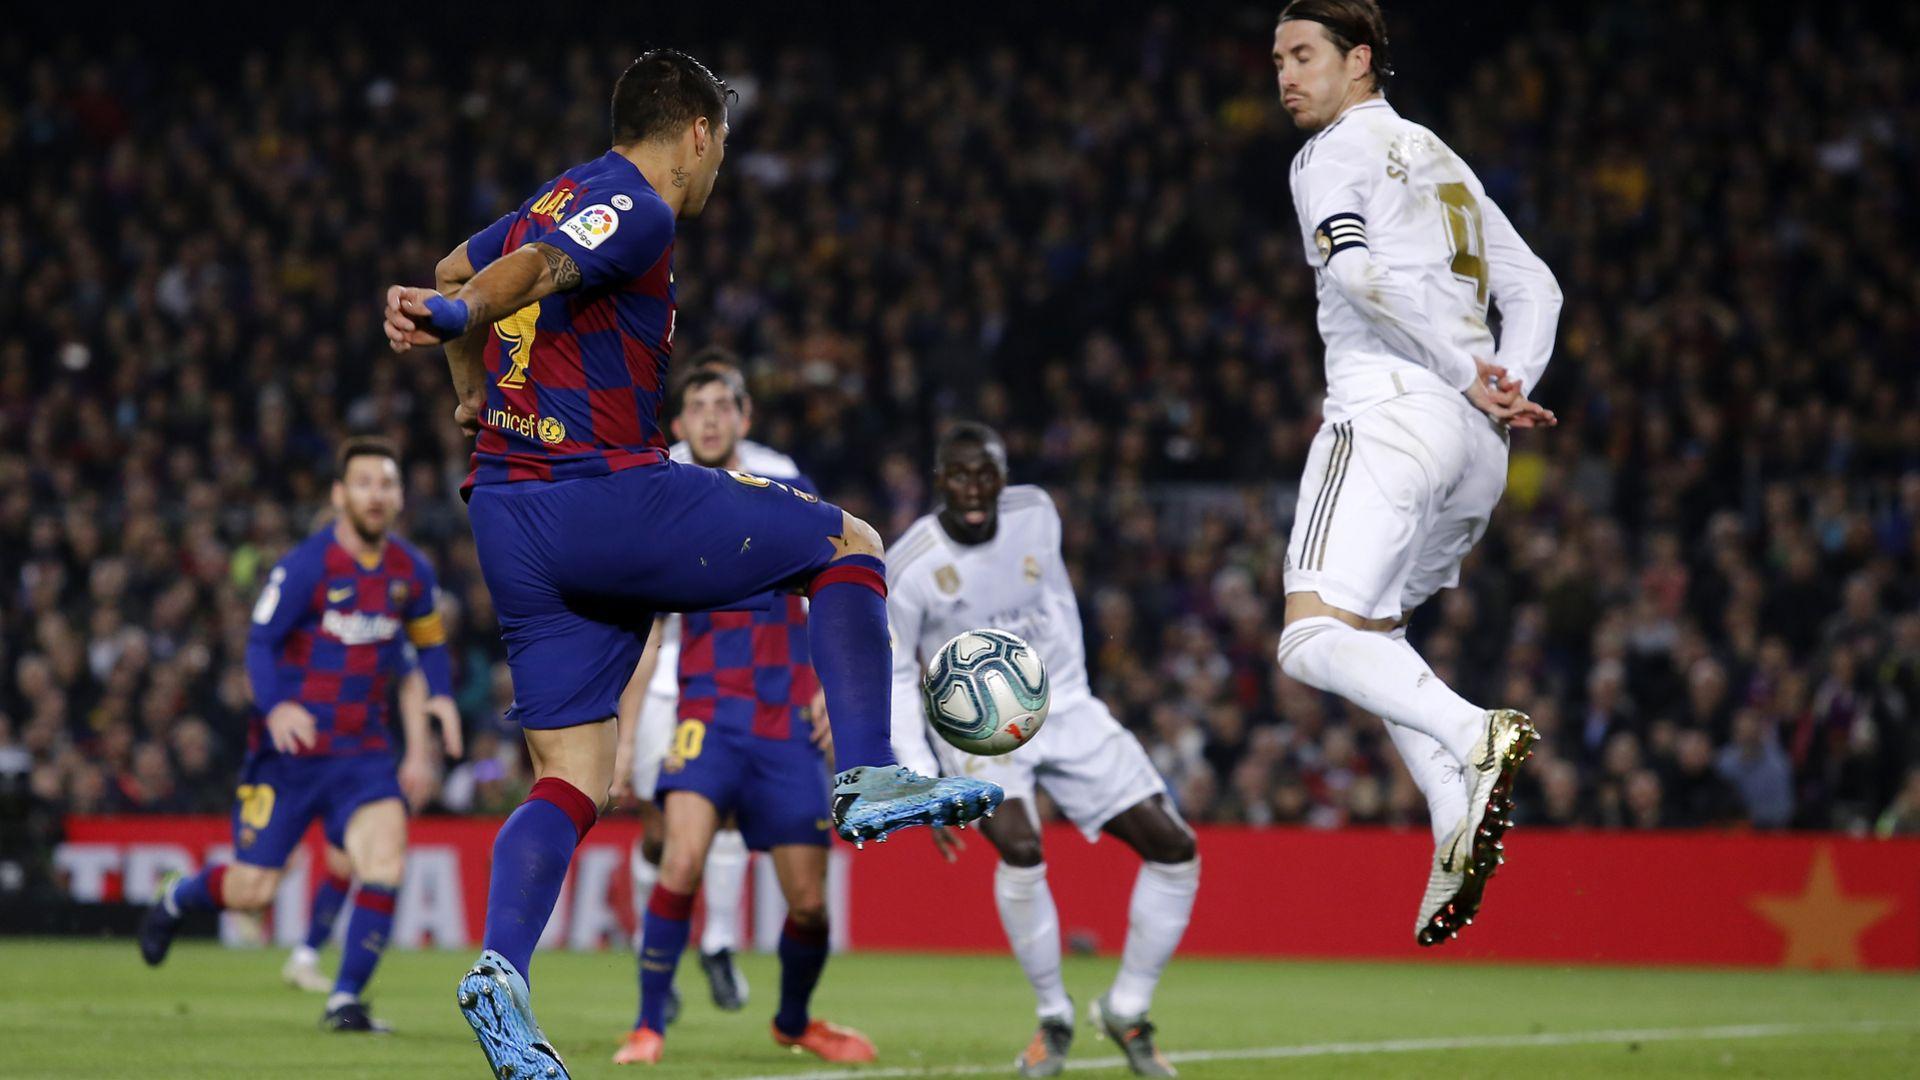 ФИФА удължава безсрочно сезон 2019-2020 г. във футбола